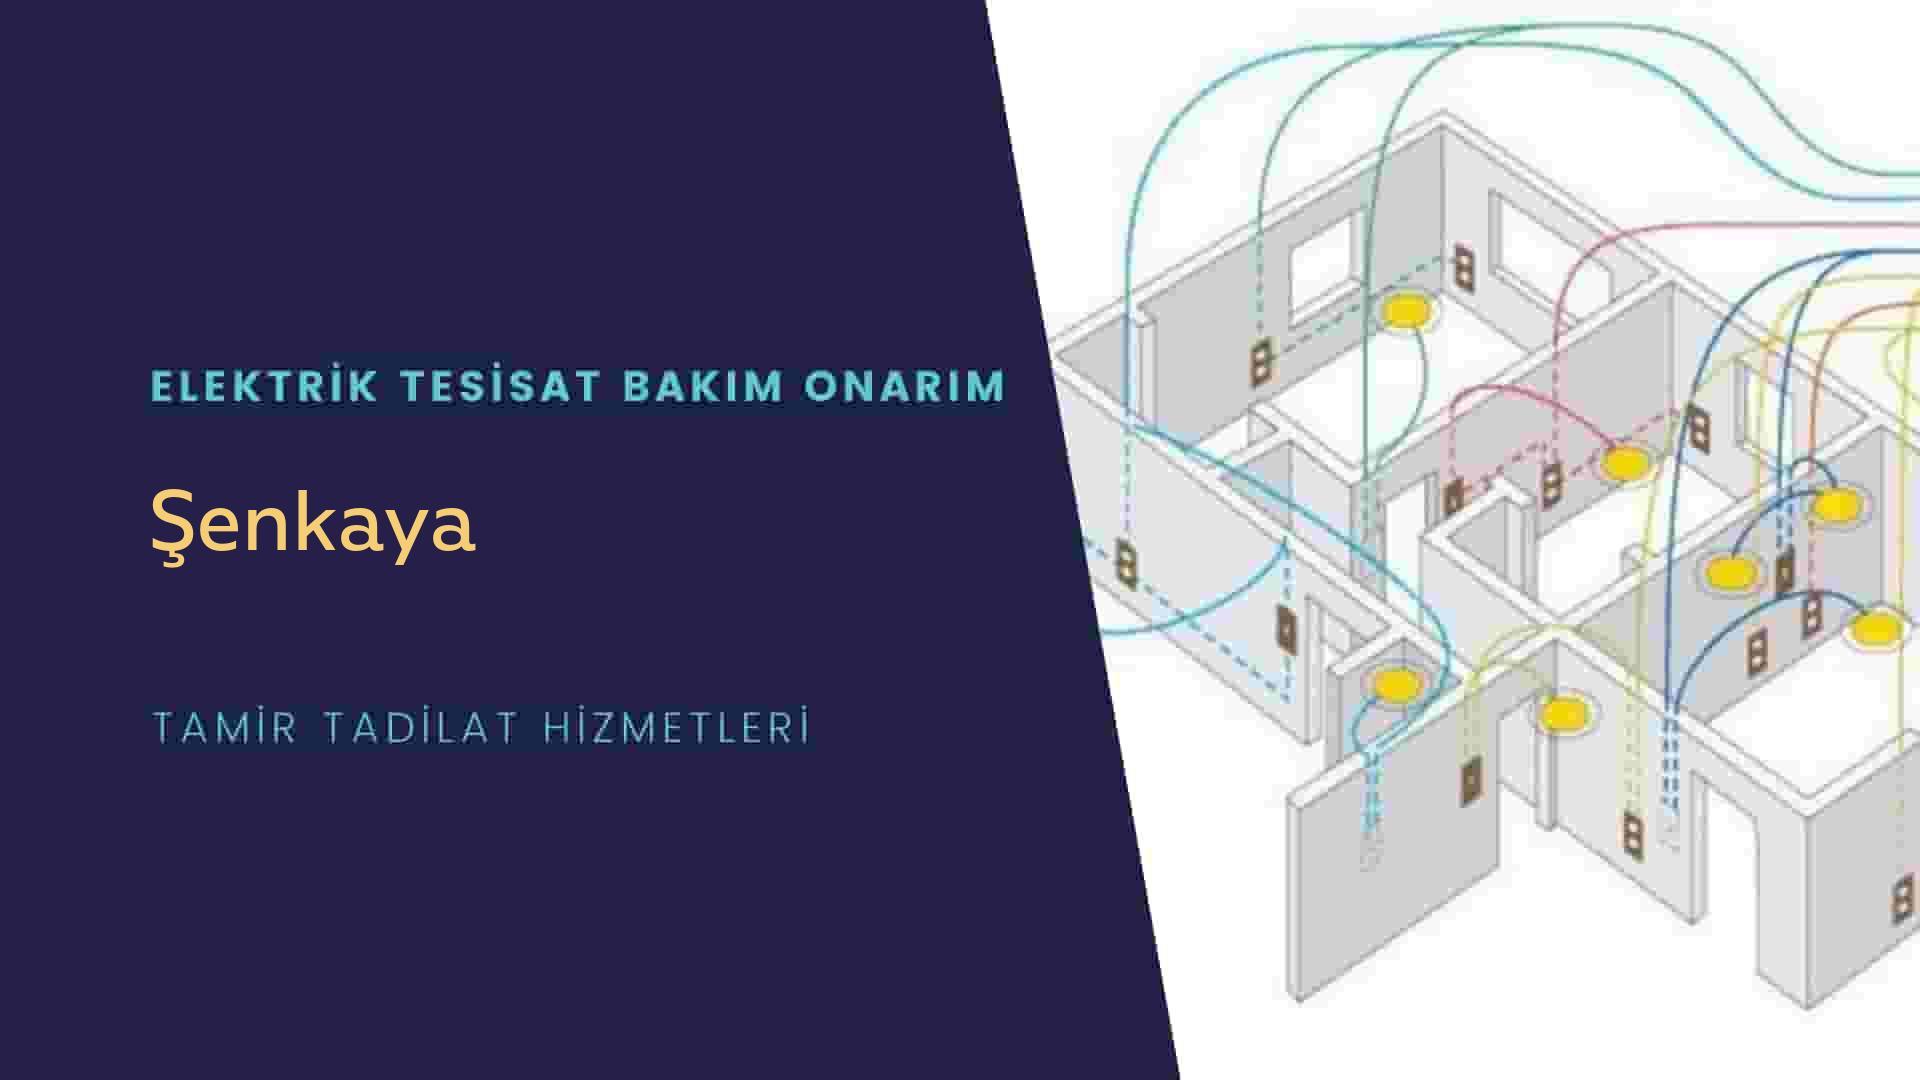 Şenkaya'da elektrik tesisatıustalarımı arıyorsunuz doğru adrestenizi Şenkaya elektrik tesisatı ustalarımız 7/24 sizlere hizmet vermekten mutluluk duyar.